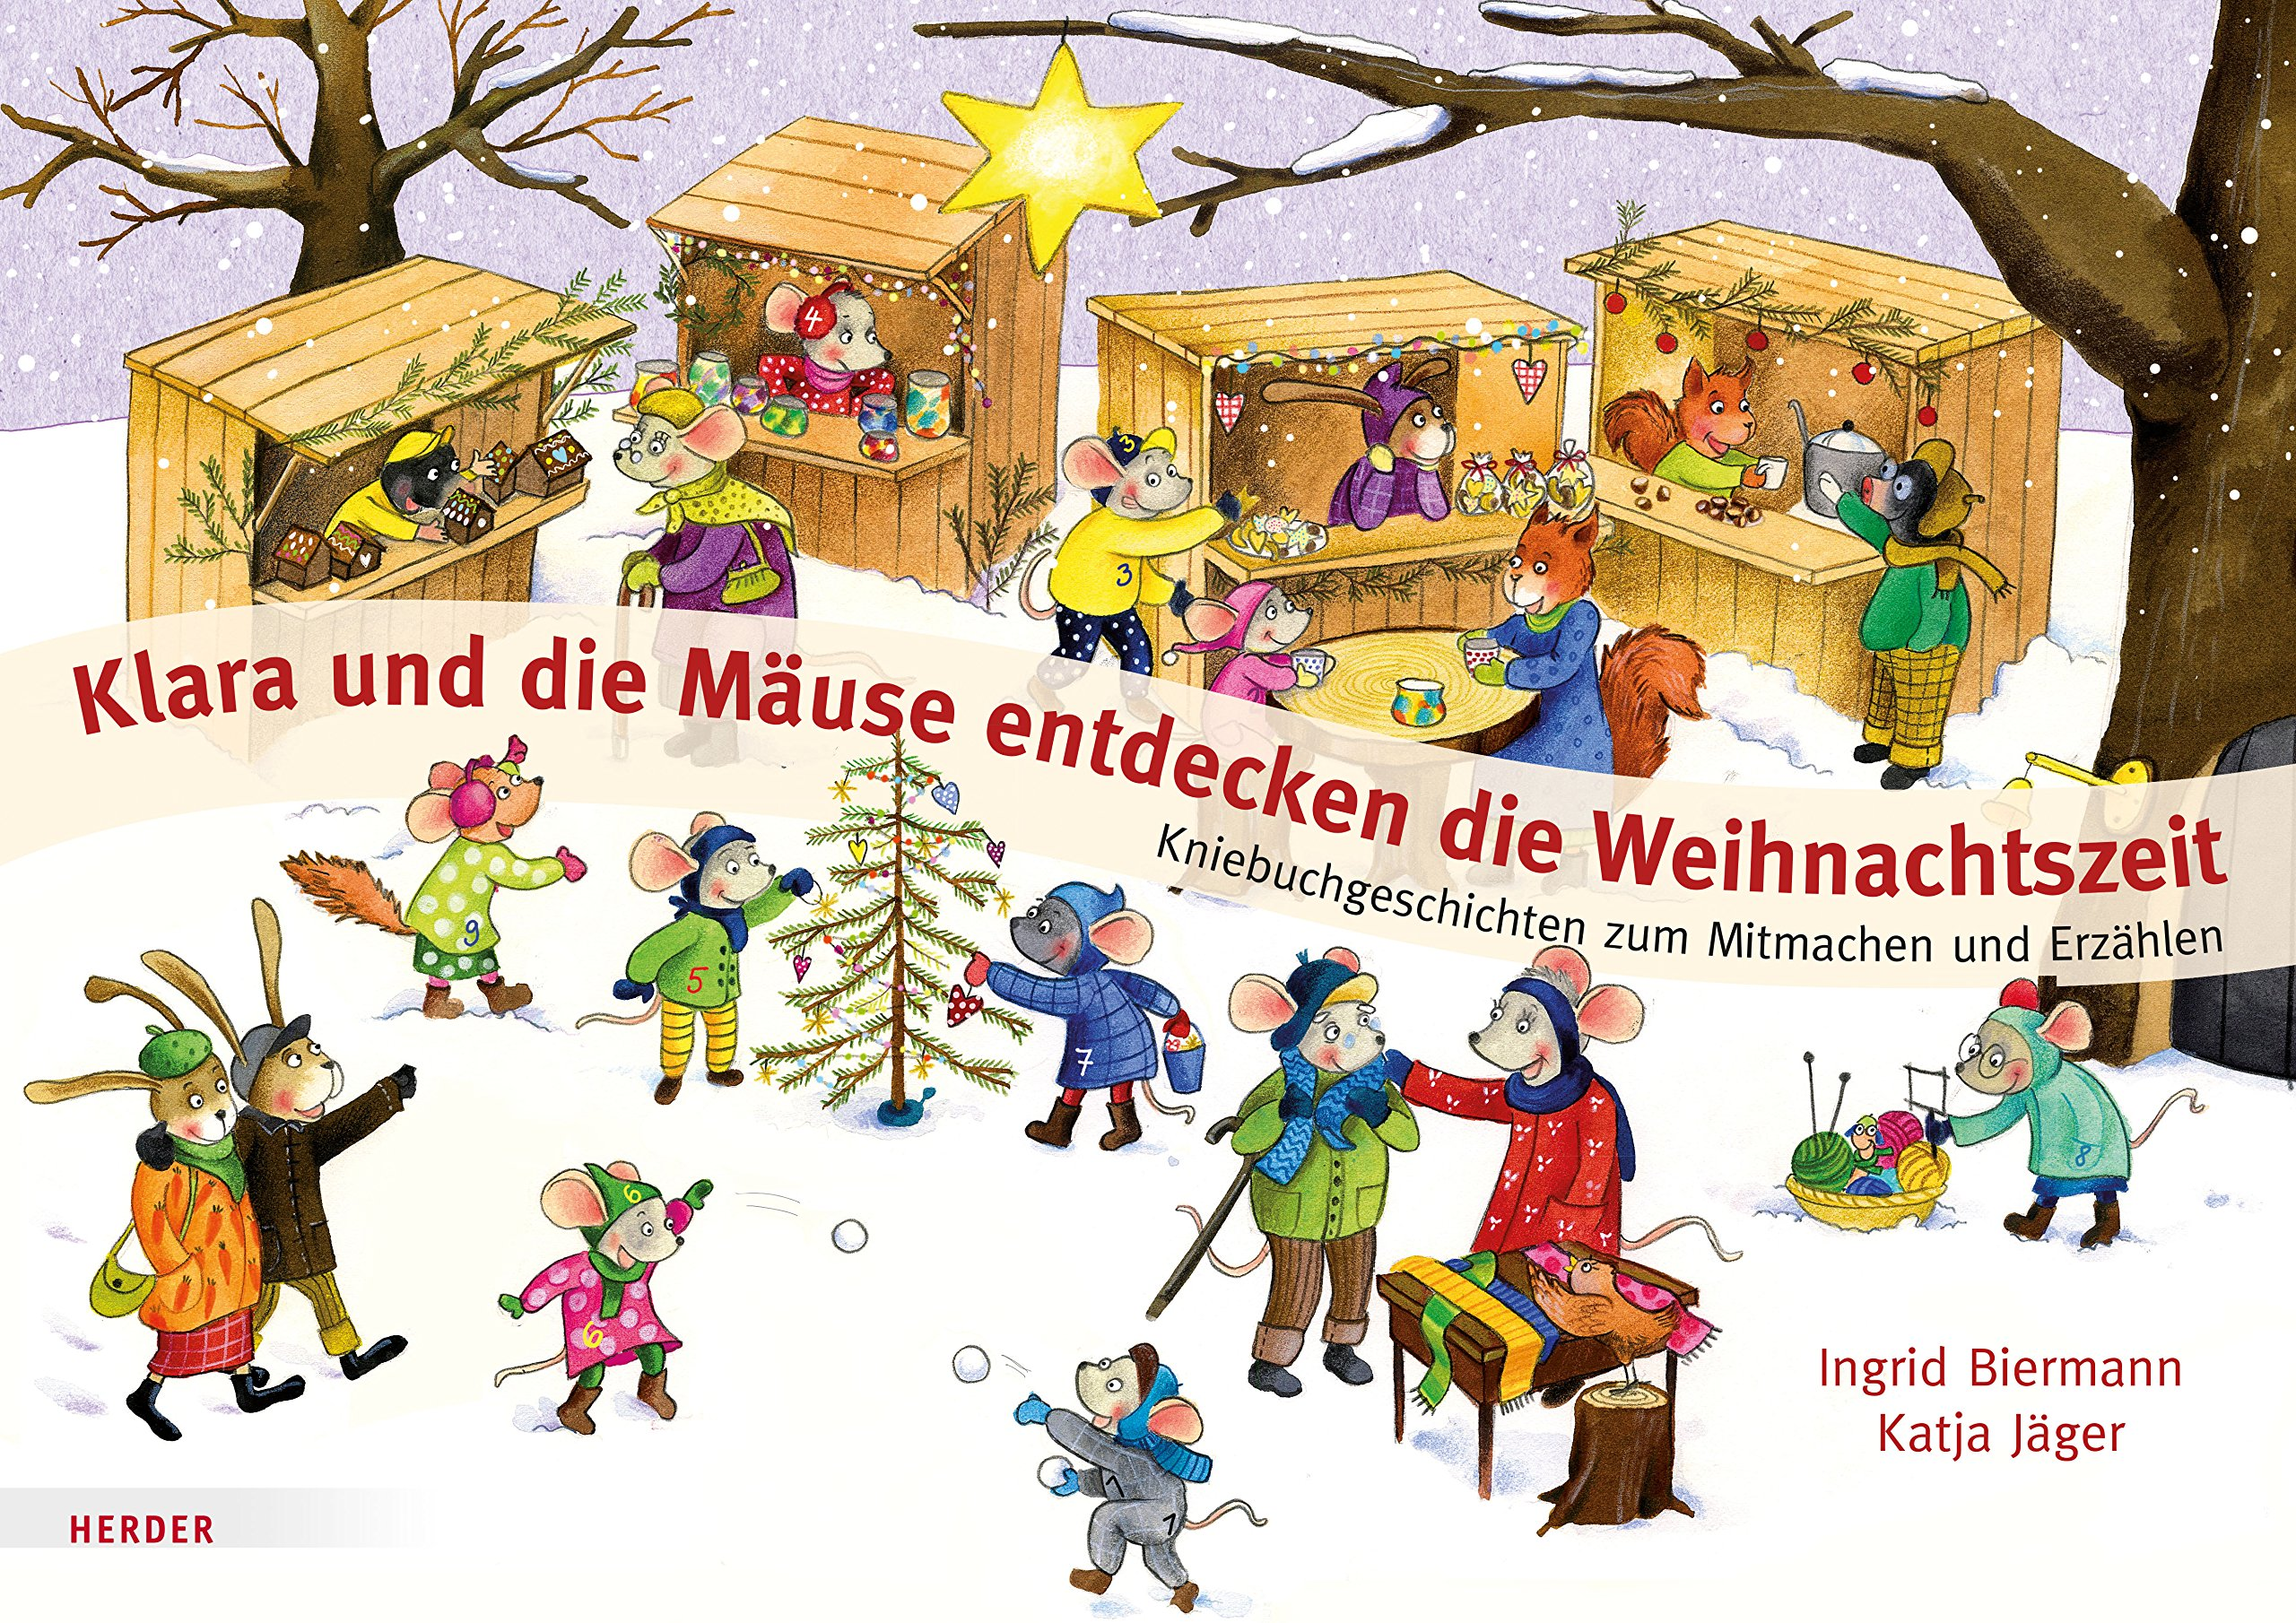 Klara und die Mäuse entdecken die Weihnachtszeit: Kniebuchgeschichten zum Mitmachen und Erzählen. Spiralbindung – 19. Juni 2017 Ingrid Biermann Katja Jäger Verlag Herder 3451376555